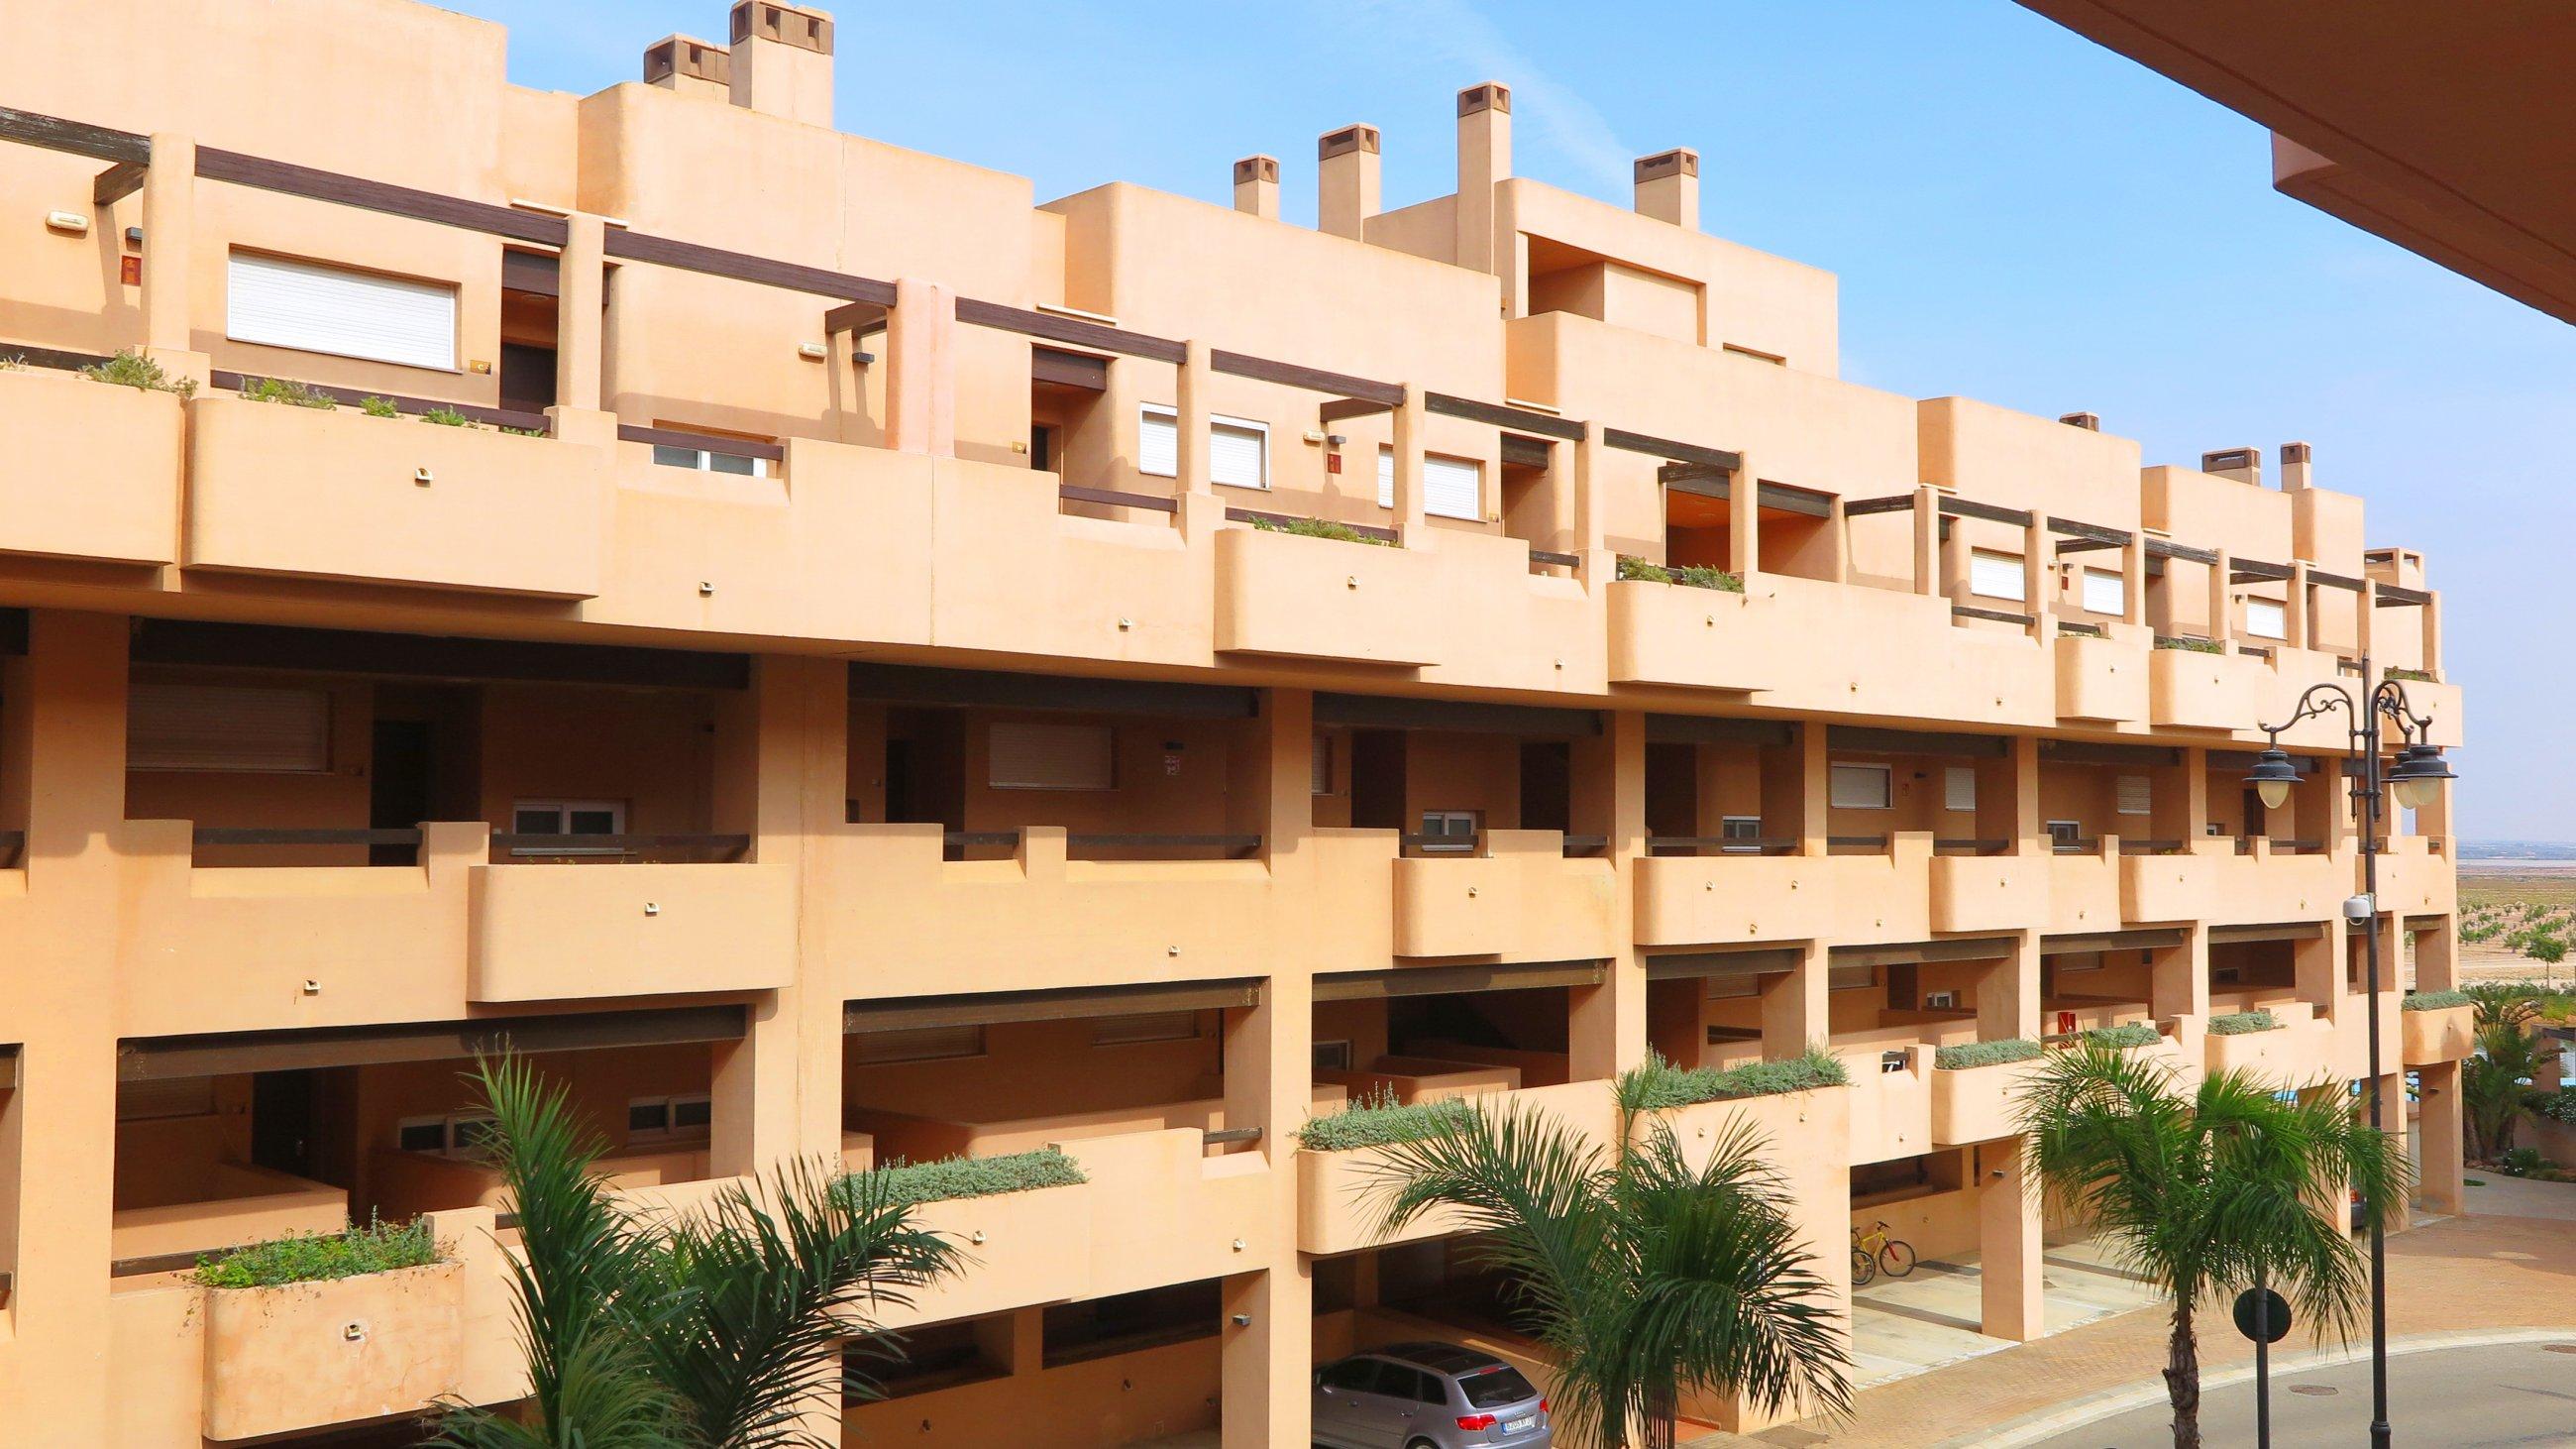 apartamentos Condado de Alhama